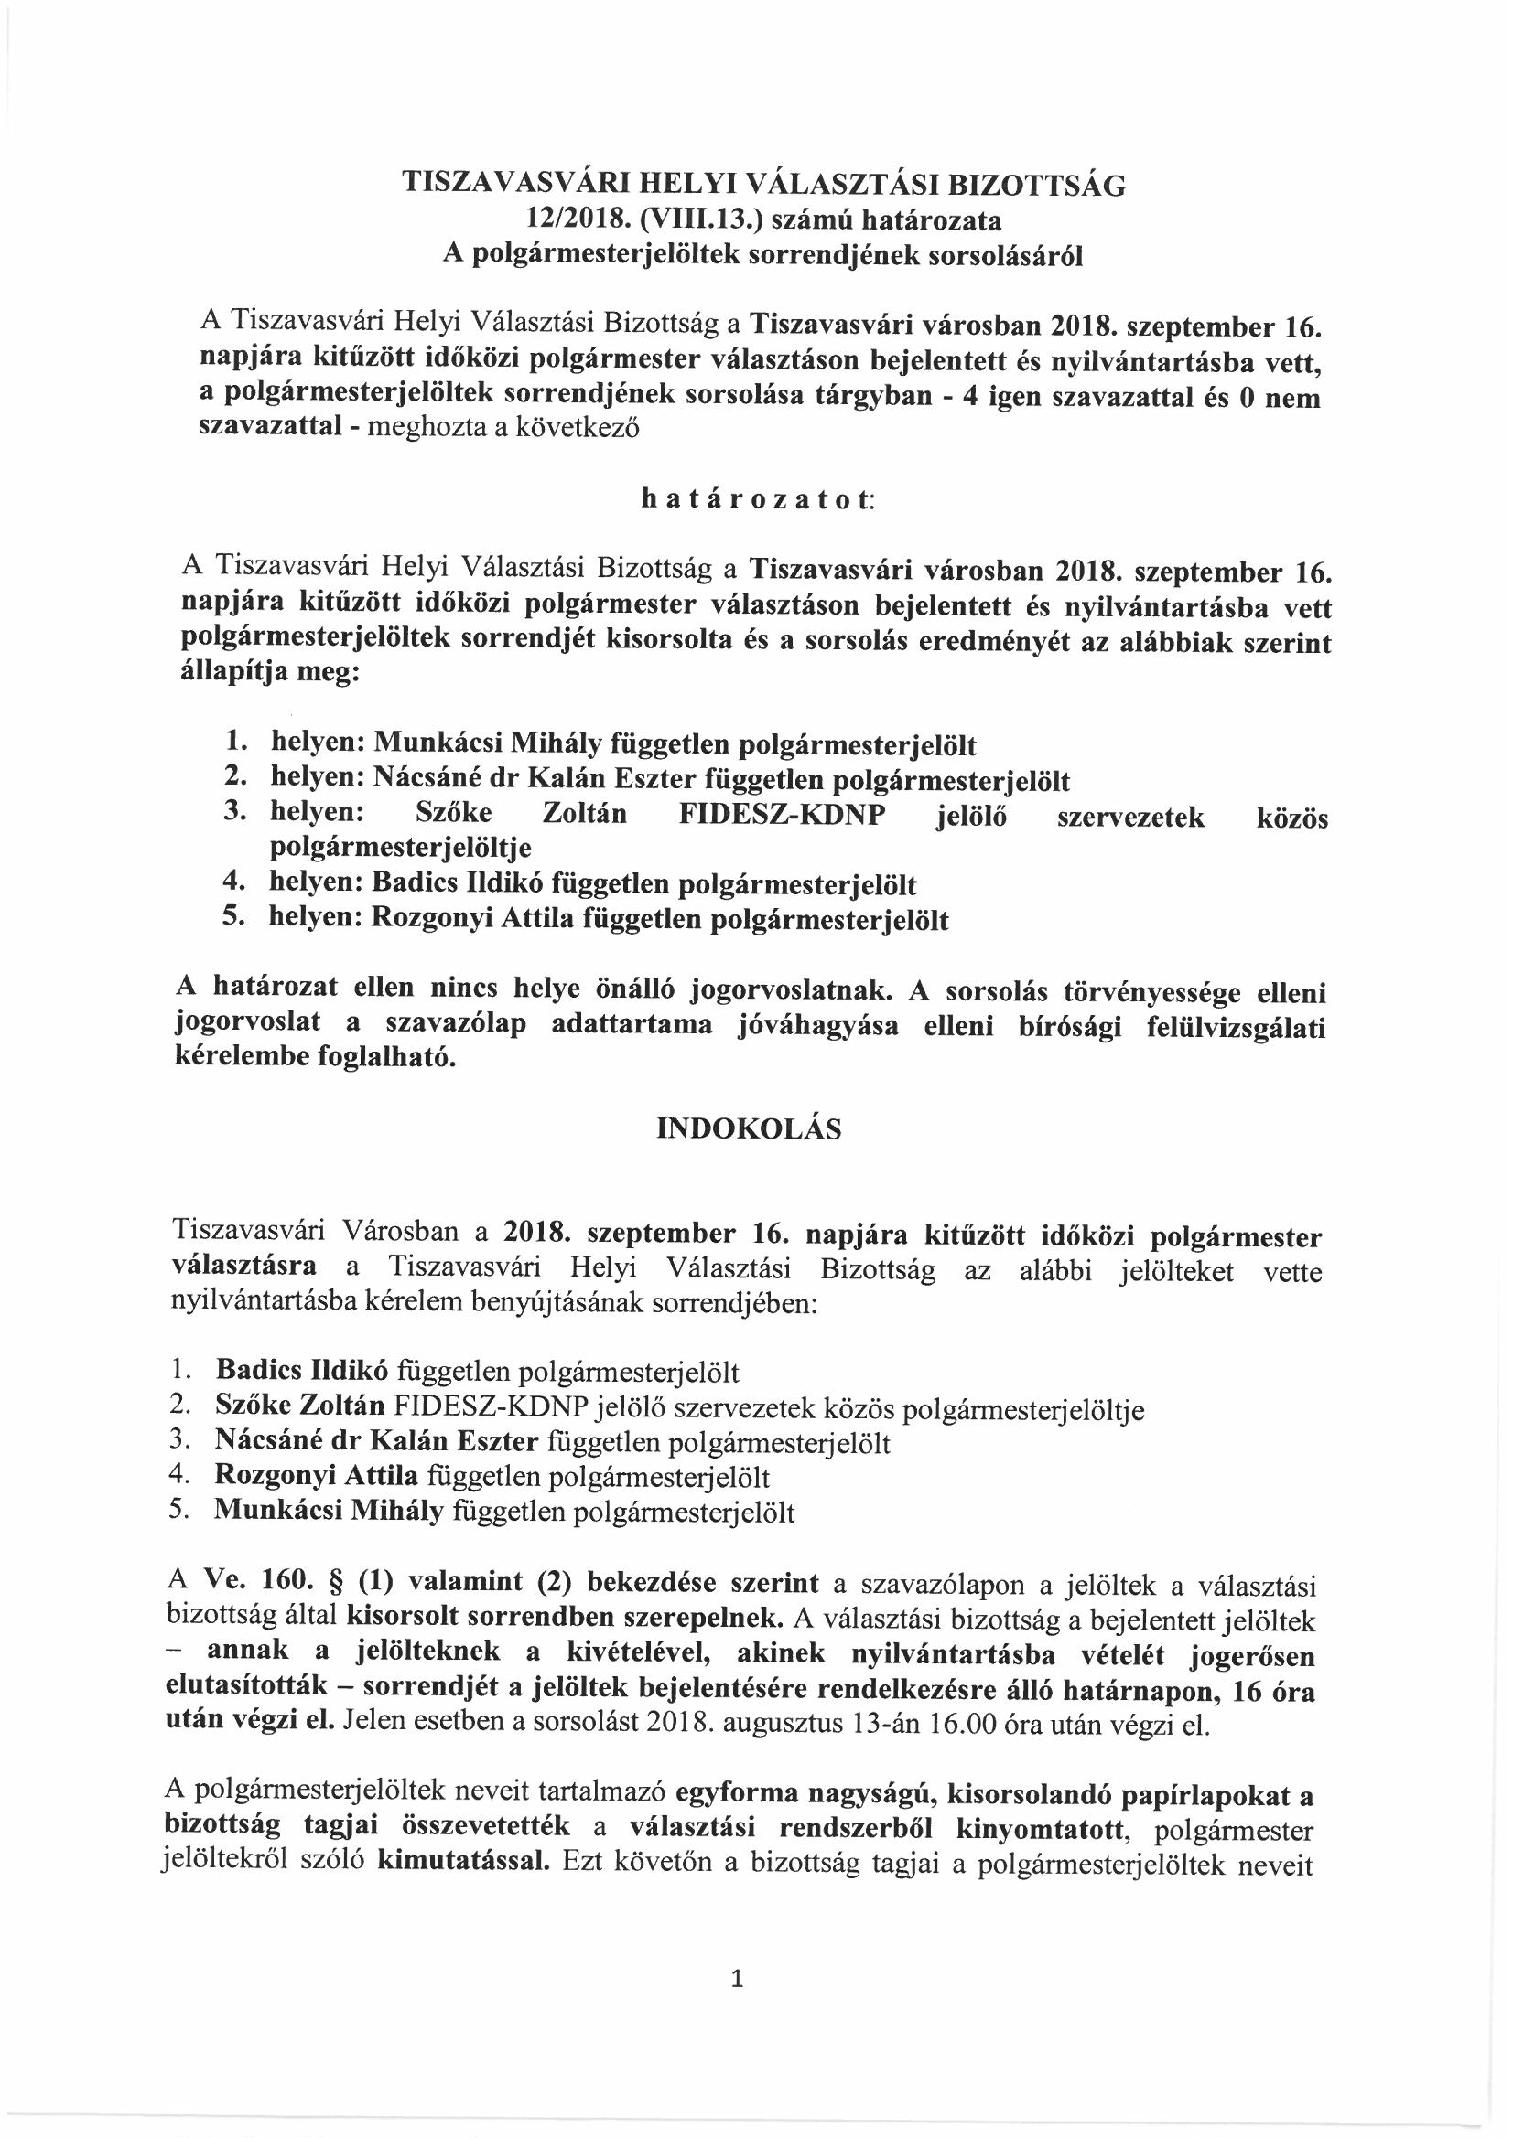 Helyi Választási Bizottság határozata  12-2018.(VIII.13.) 2ffab8cb76